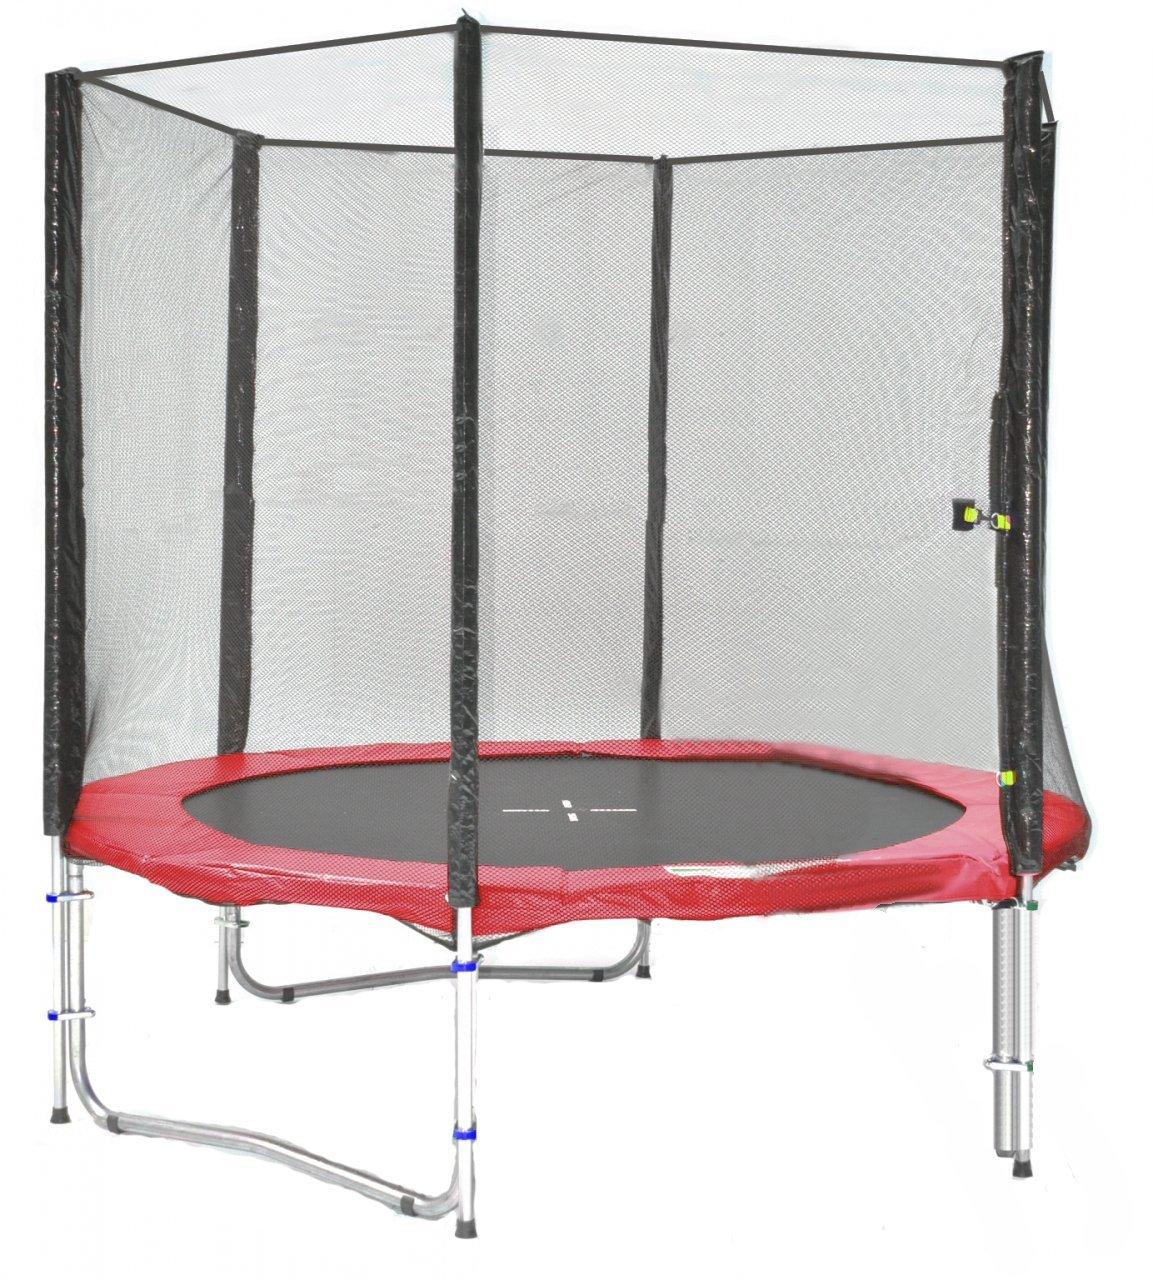 SB-185-R Professionell Gartentrampolin 185cm incl. Netz, 90kg Traglast günstig online kaufen